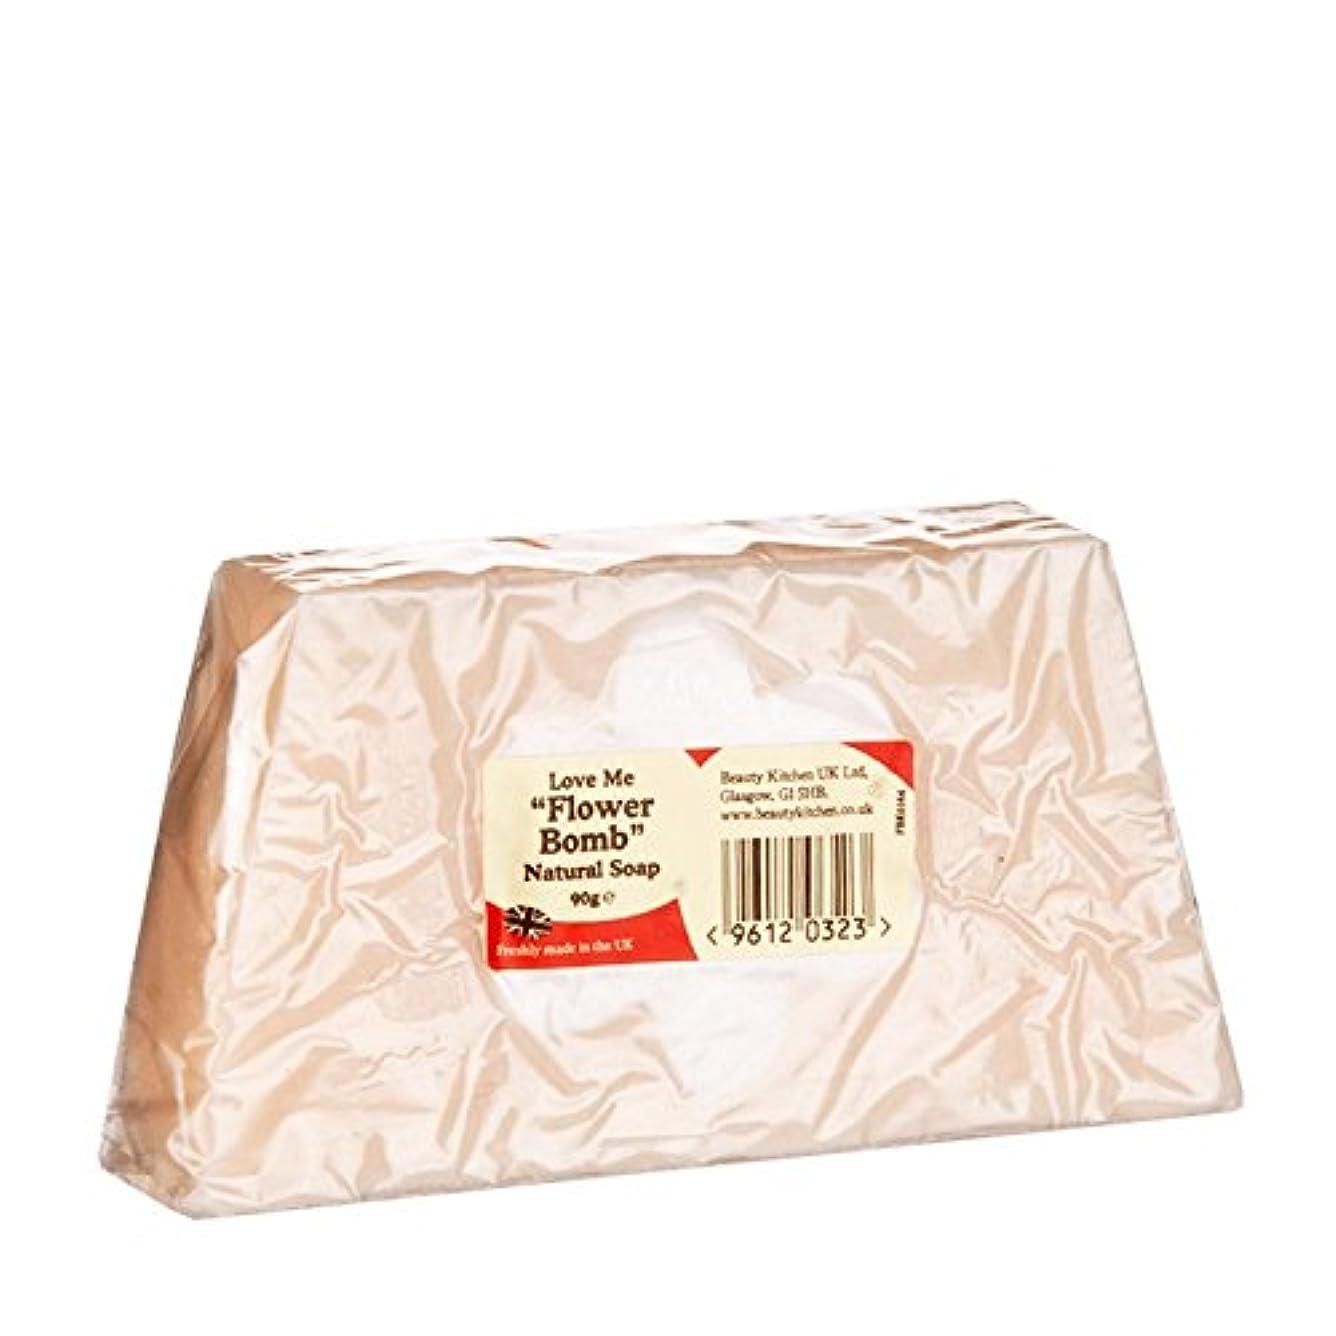 鳴り響く感嘆旅行代理店Beauty Kitchen Love Me Flower Bomb Natural Soap 90g (Pack of 2) - 美しさのキッチンは私に花爆弾の天然石鹸90グラムを愛し (x2) [並行輸入品]